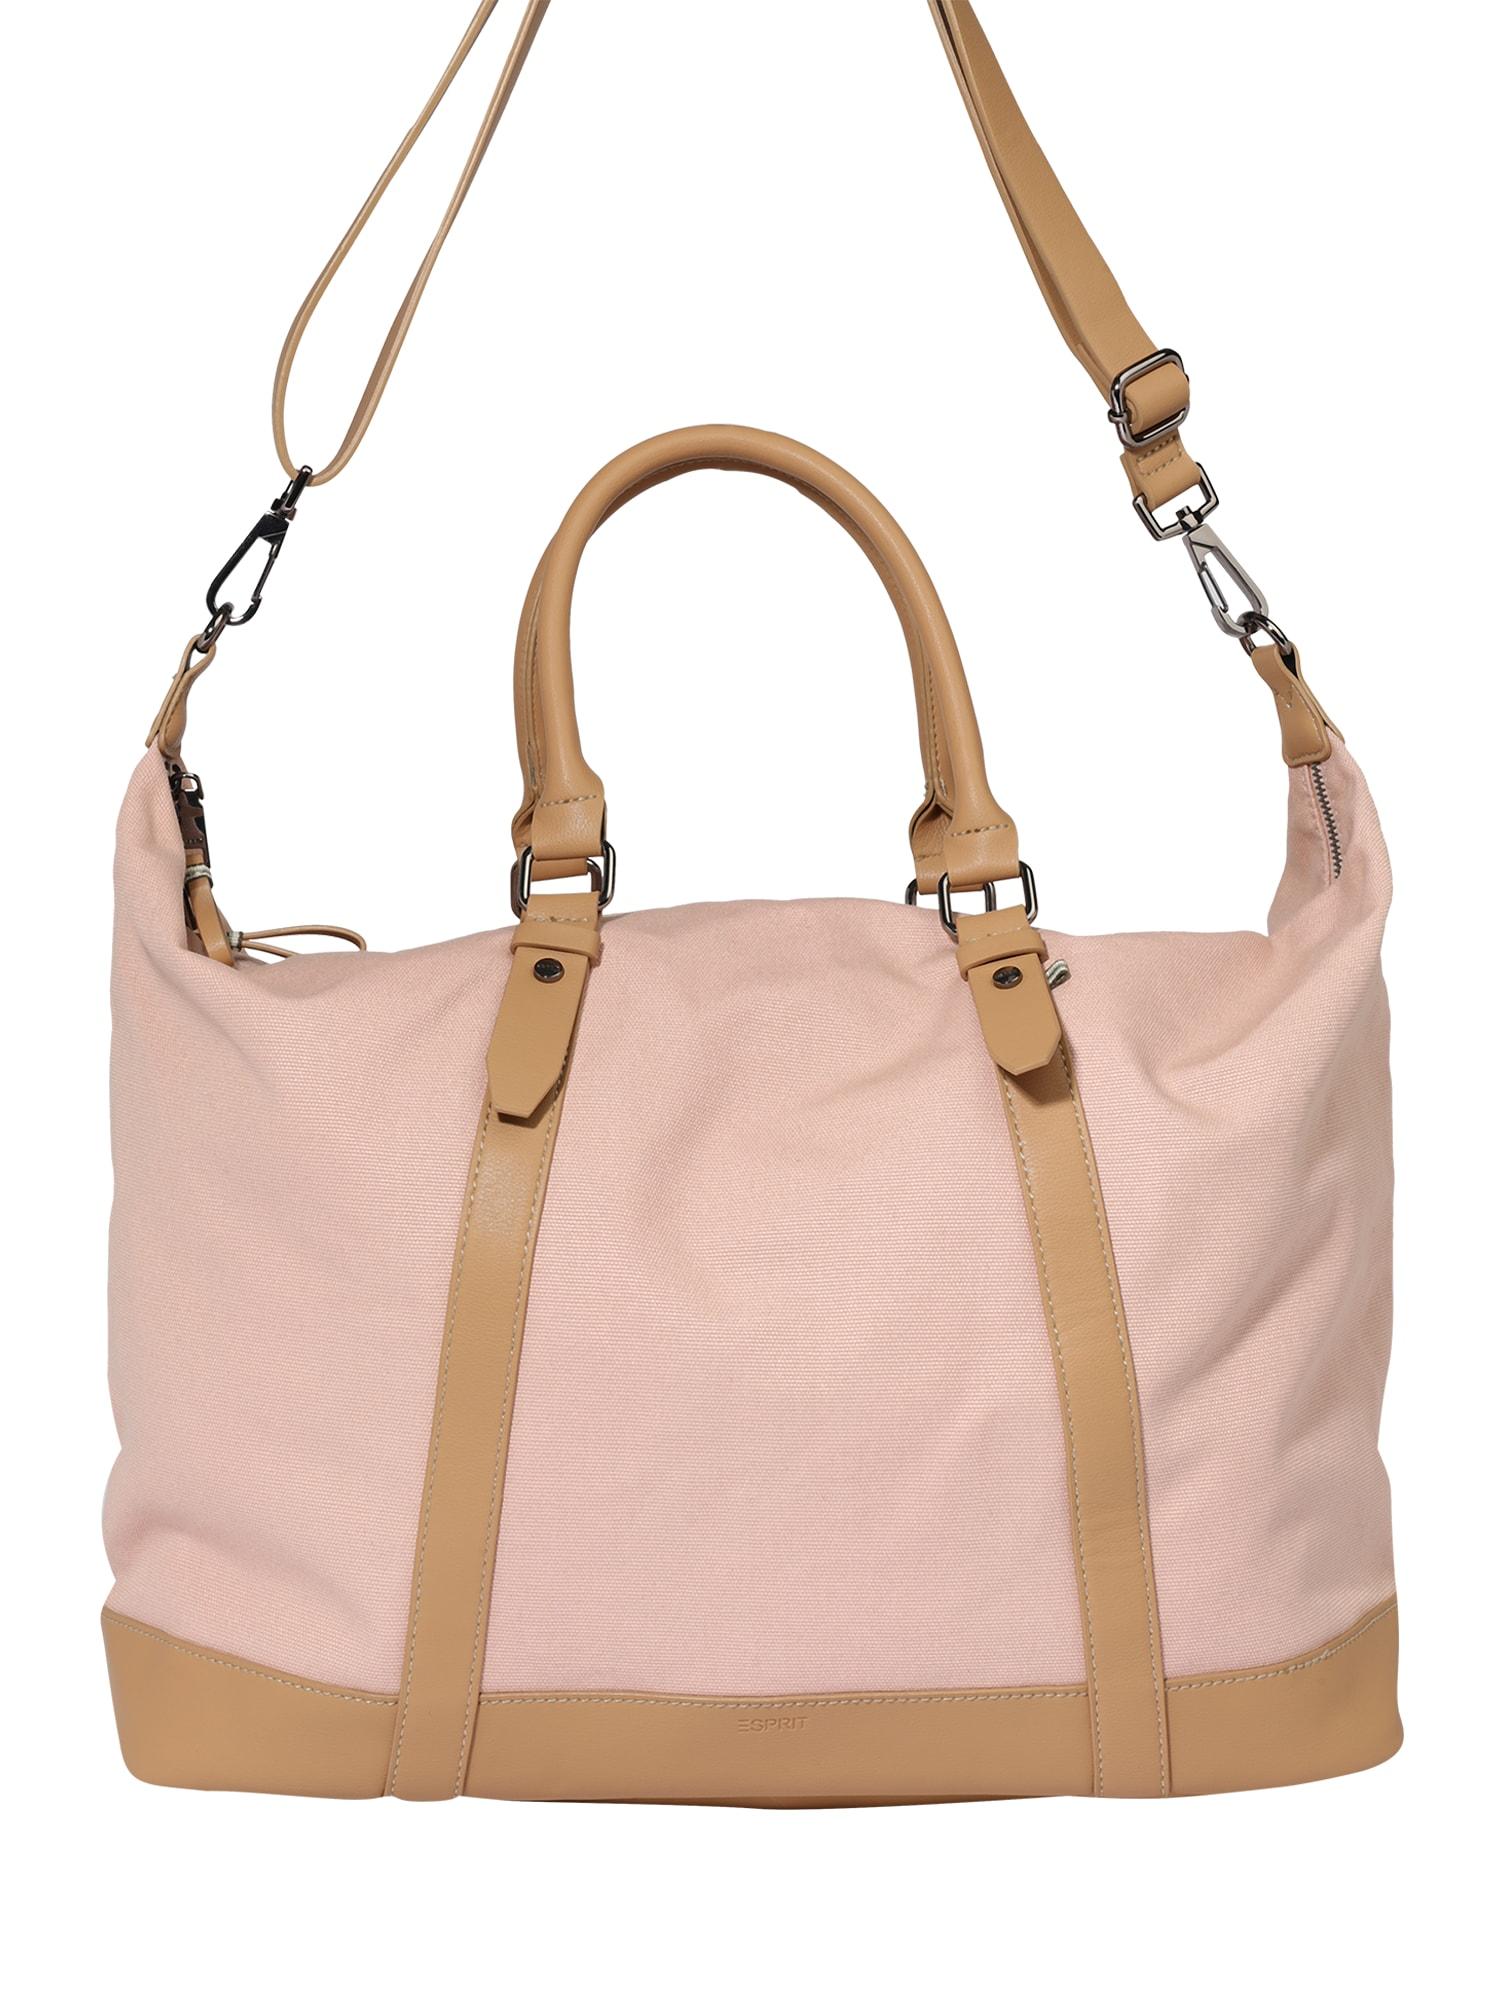 ESPRIT Kelioninis krepšys gelsvai pilka spalva / pastelinė rožinė